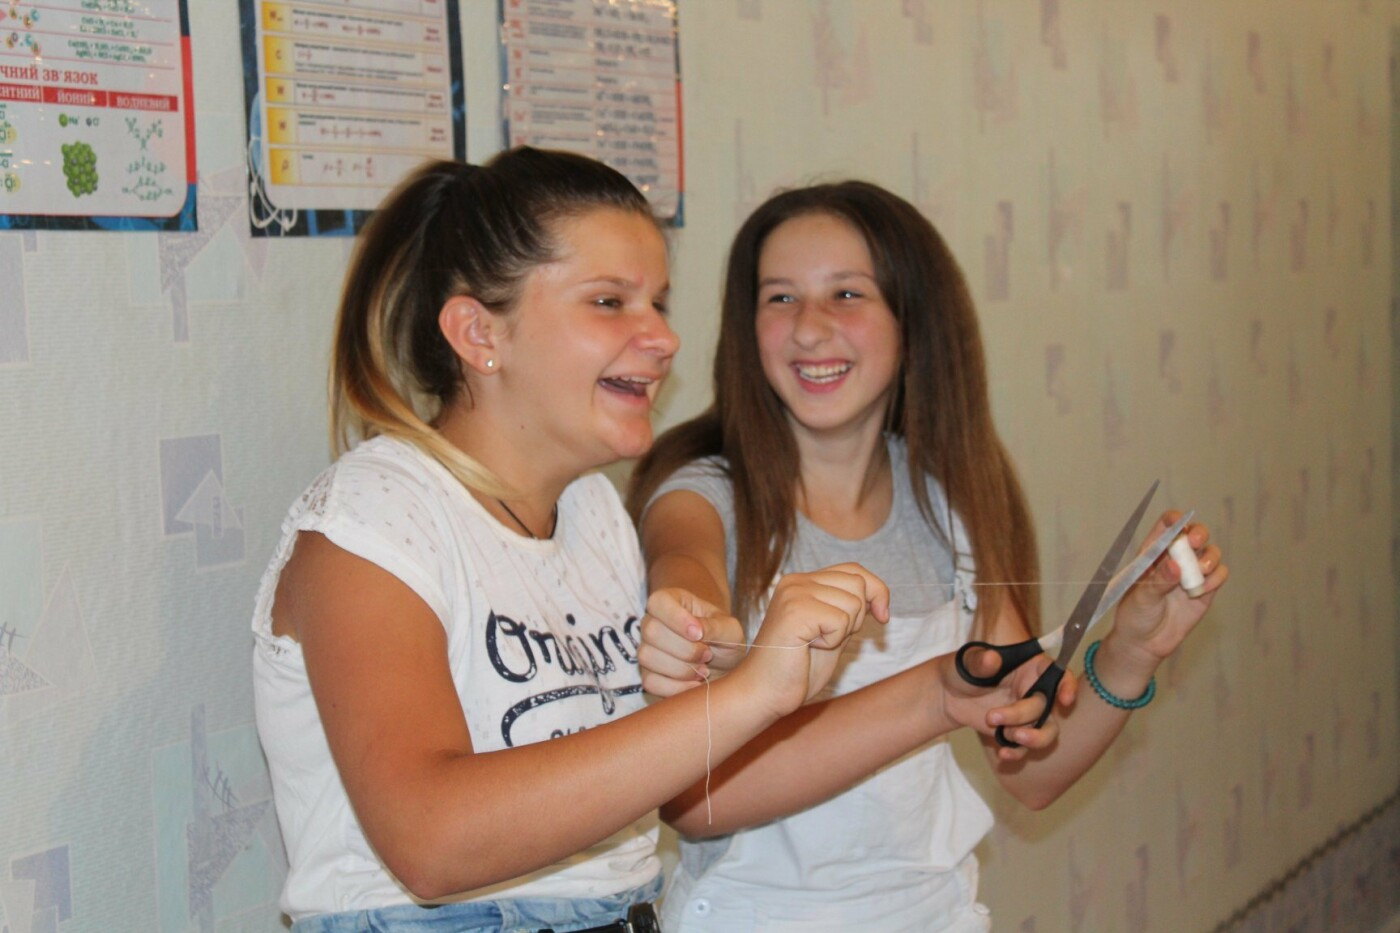 Школярі із села Олександро-Калинове шиють екоторбинки, фото-3